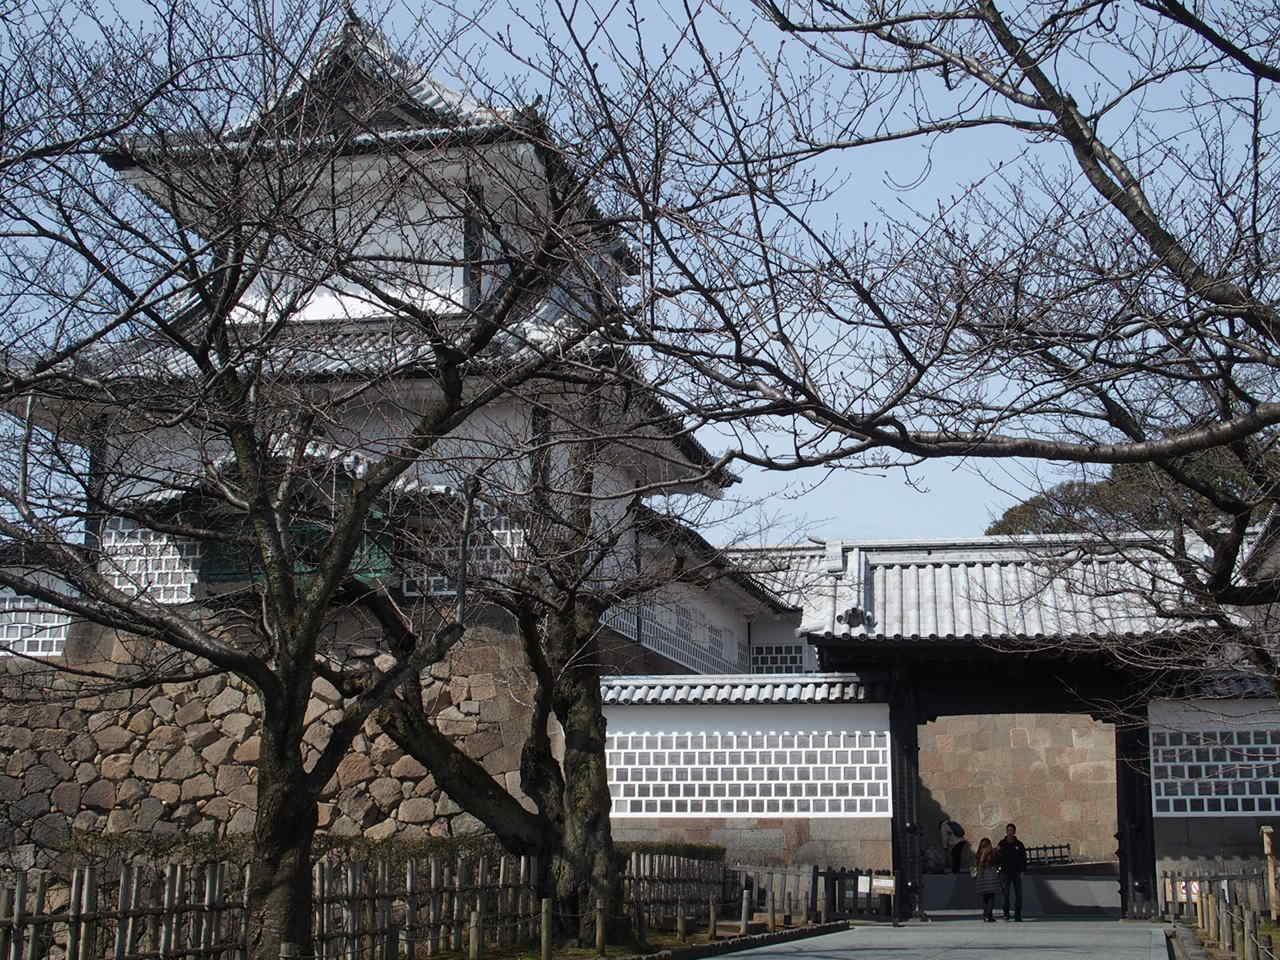 金沢の観光スポット金沢城公園